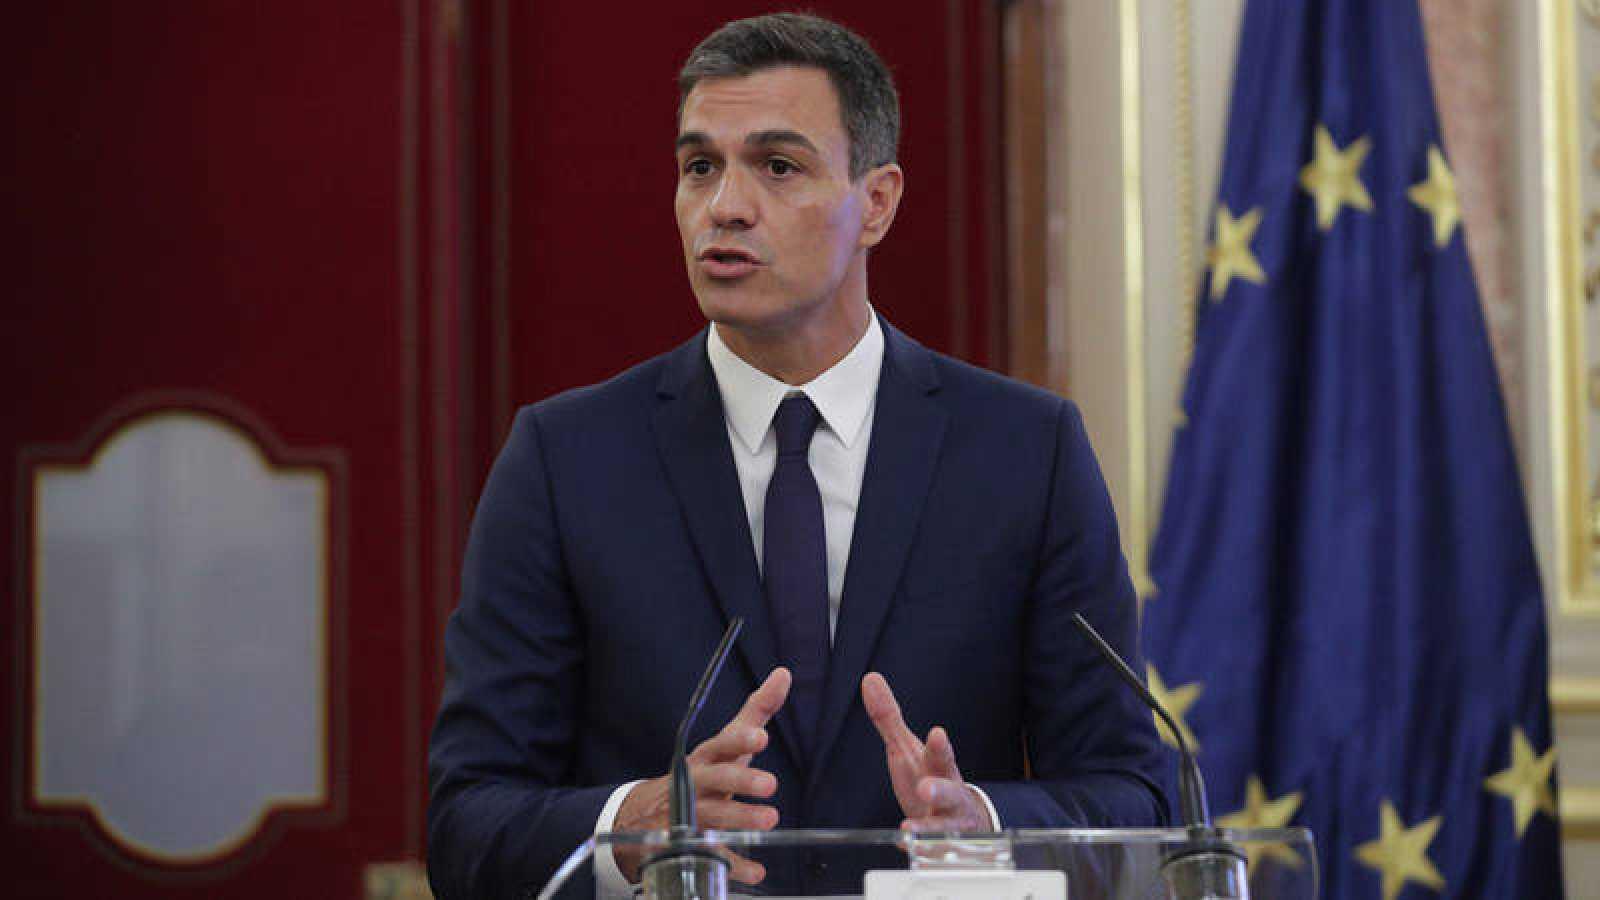 El presidente del Gobierno, Pedro Sánchez, en el Salón de los Pasos Perdidos del Congreso de los Diputados